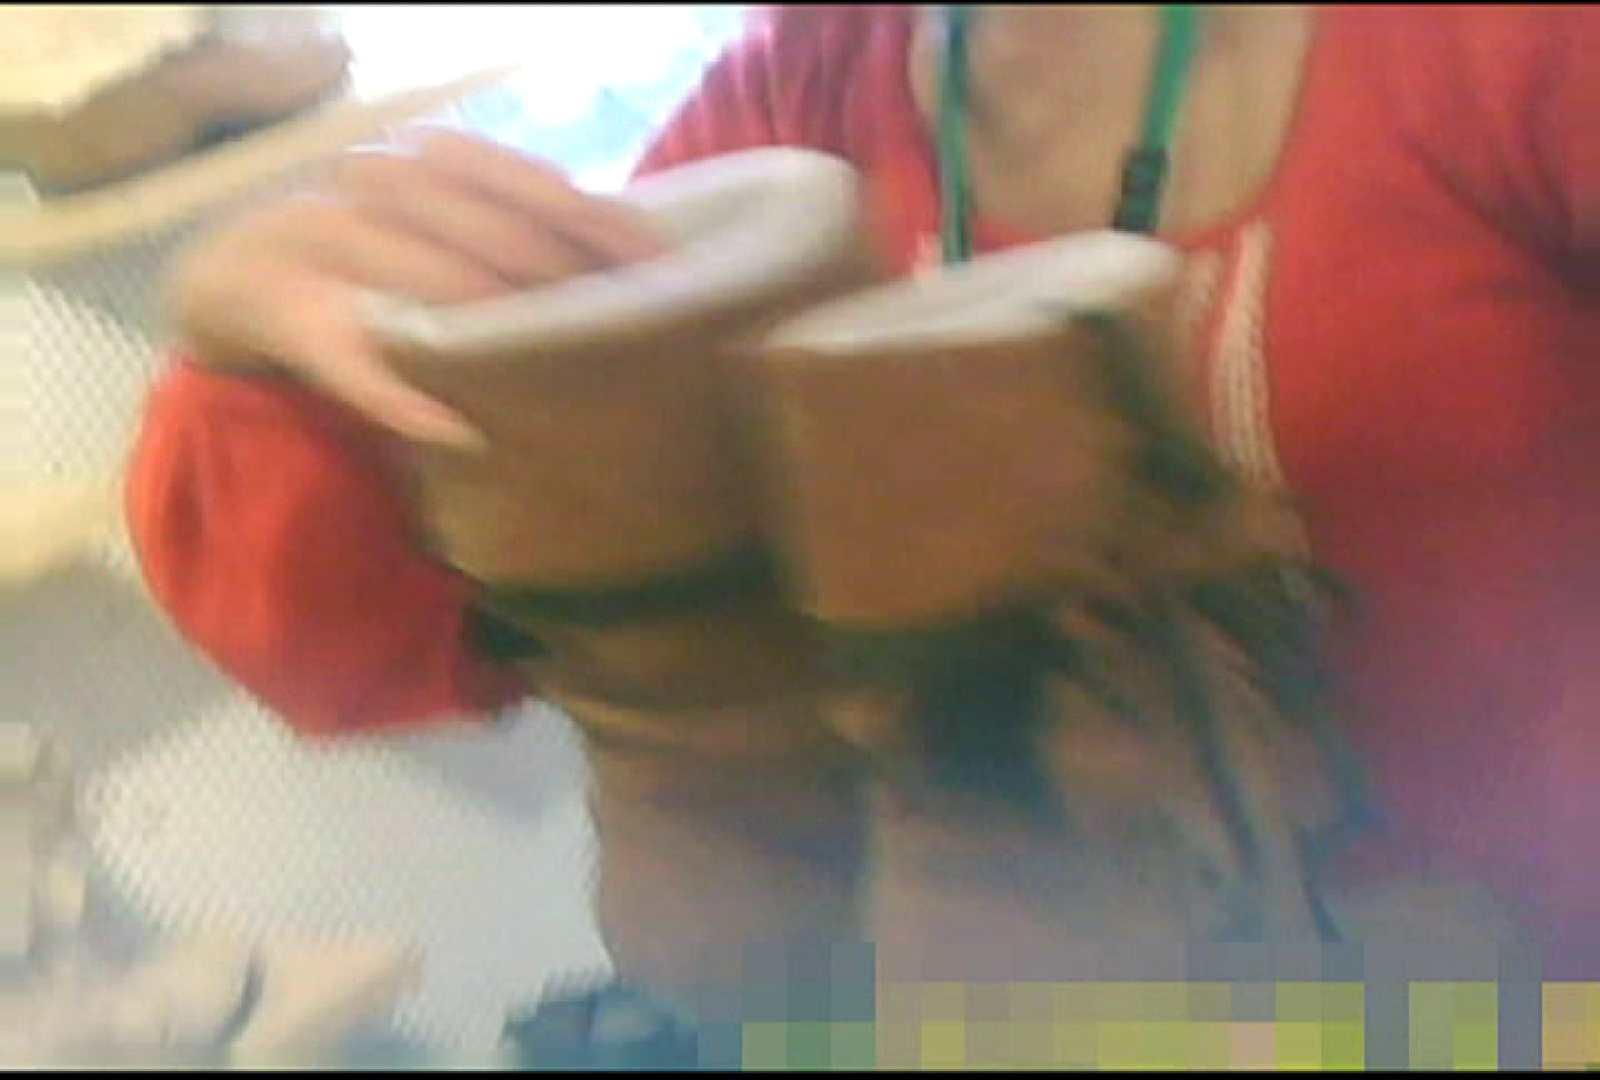 「ノゾキスト」さんの陰撮!!美女サルベージVol.1 美女 盗撮画像 97連発 93